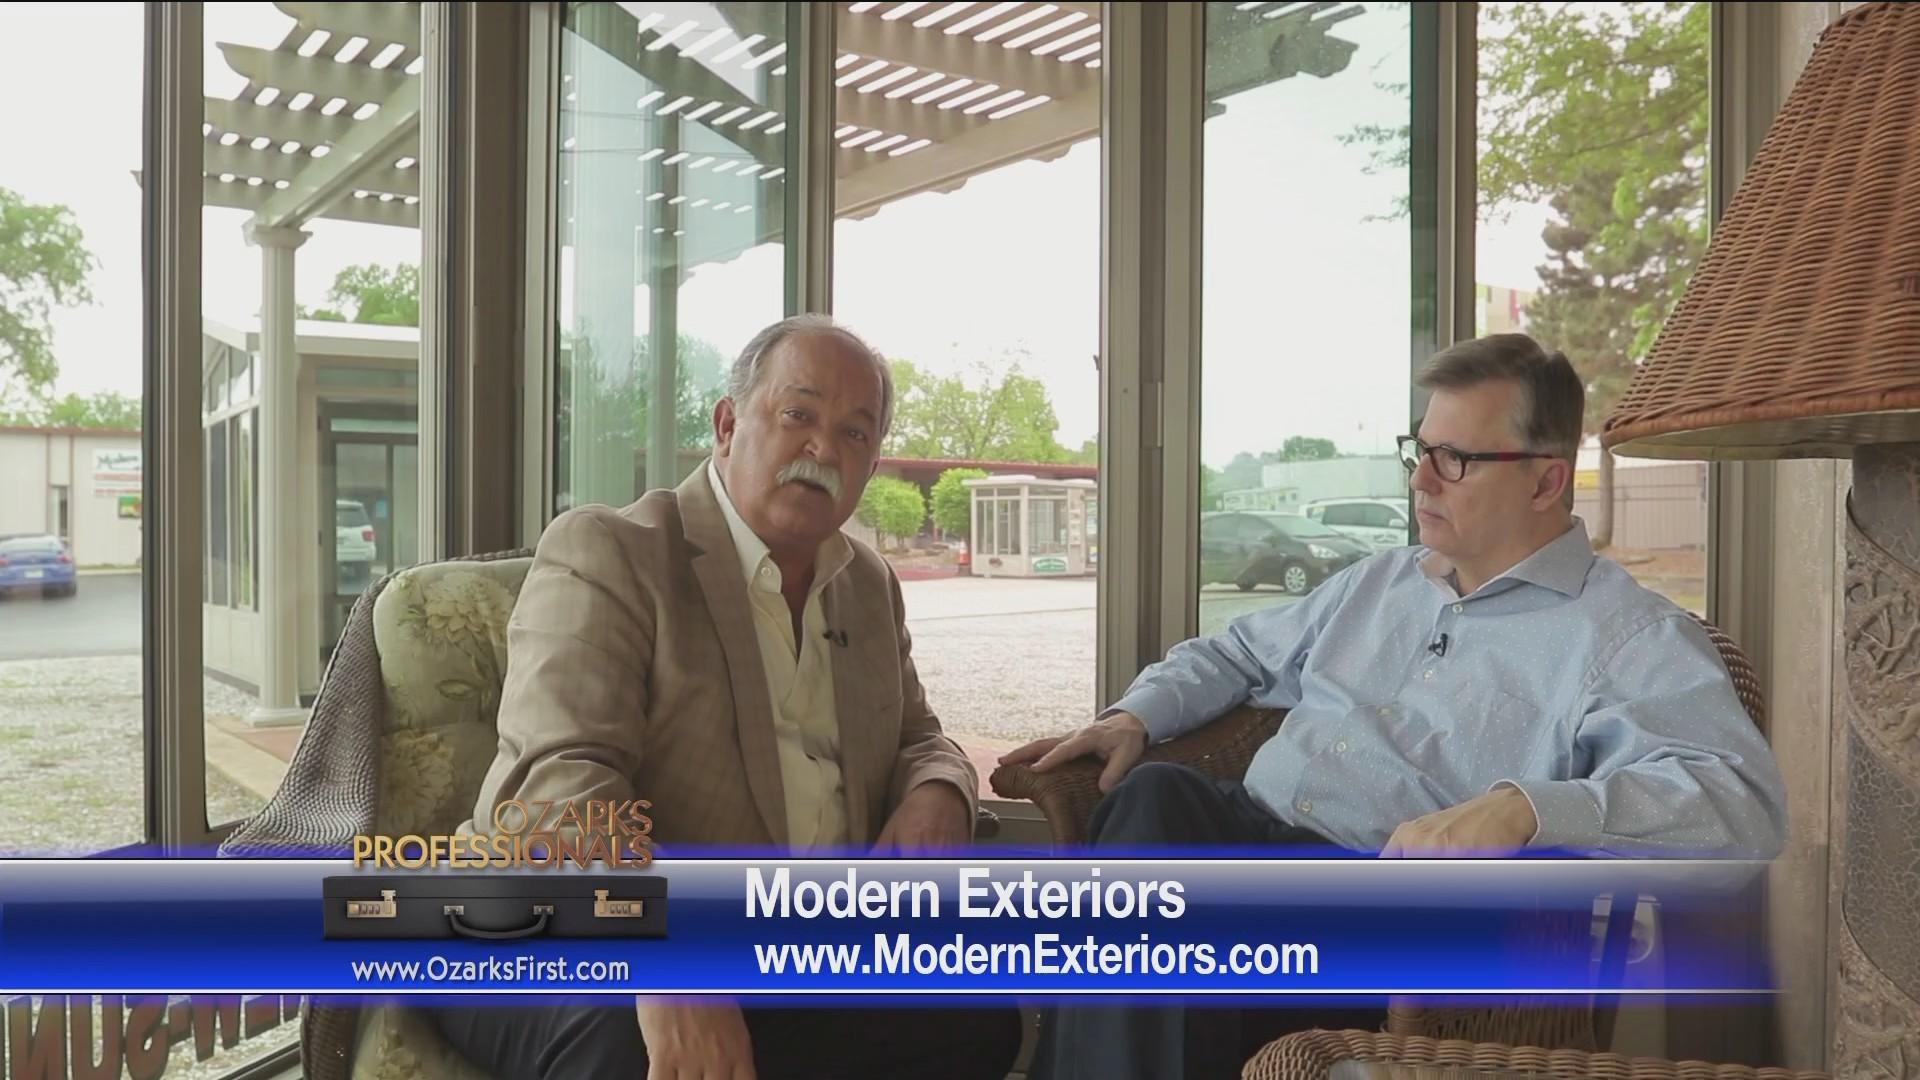 Modern Exteriors - 4/17/19